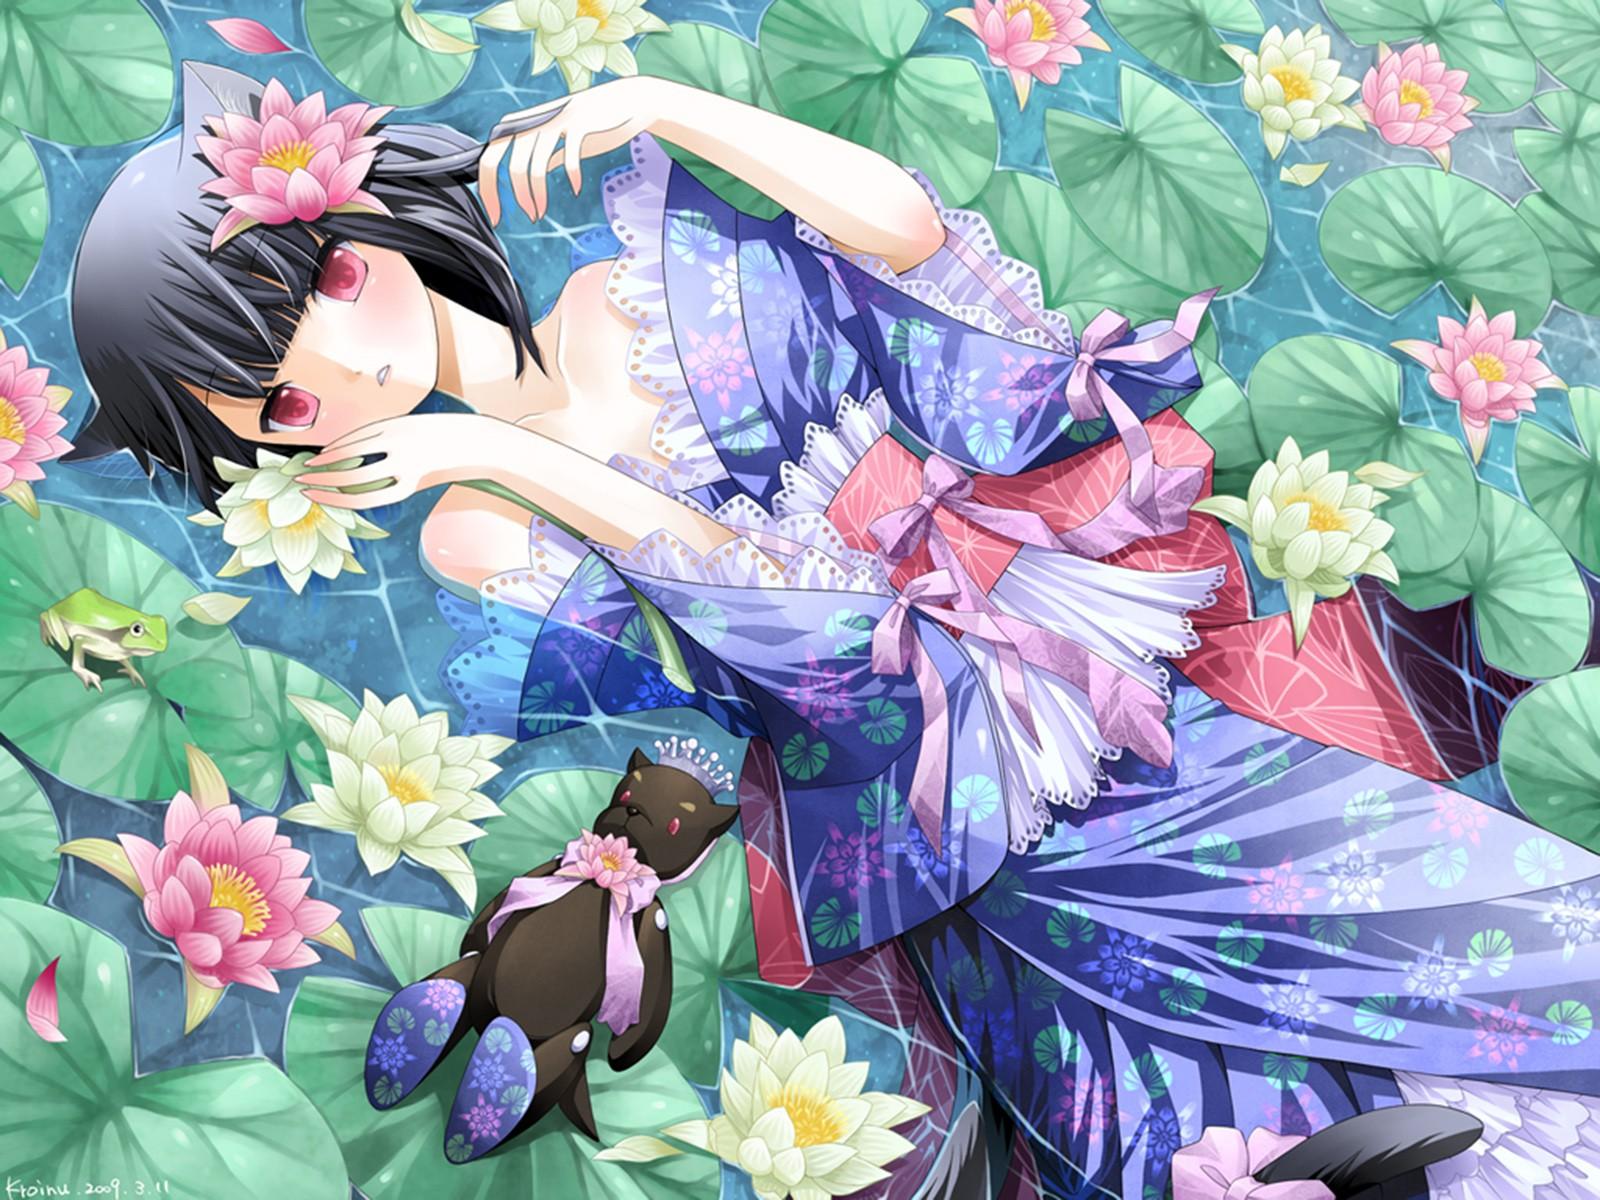 El Refugio de Rain: Imagenes estilo anime con flores 2